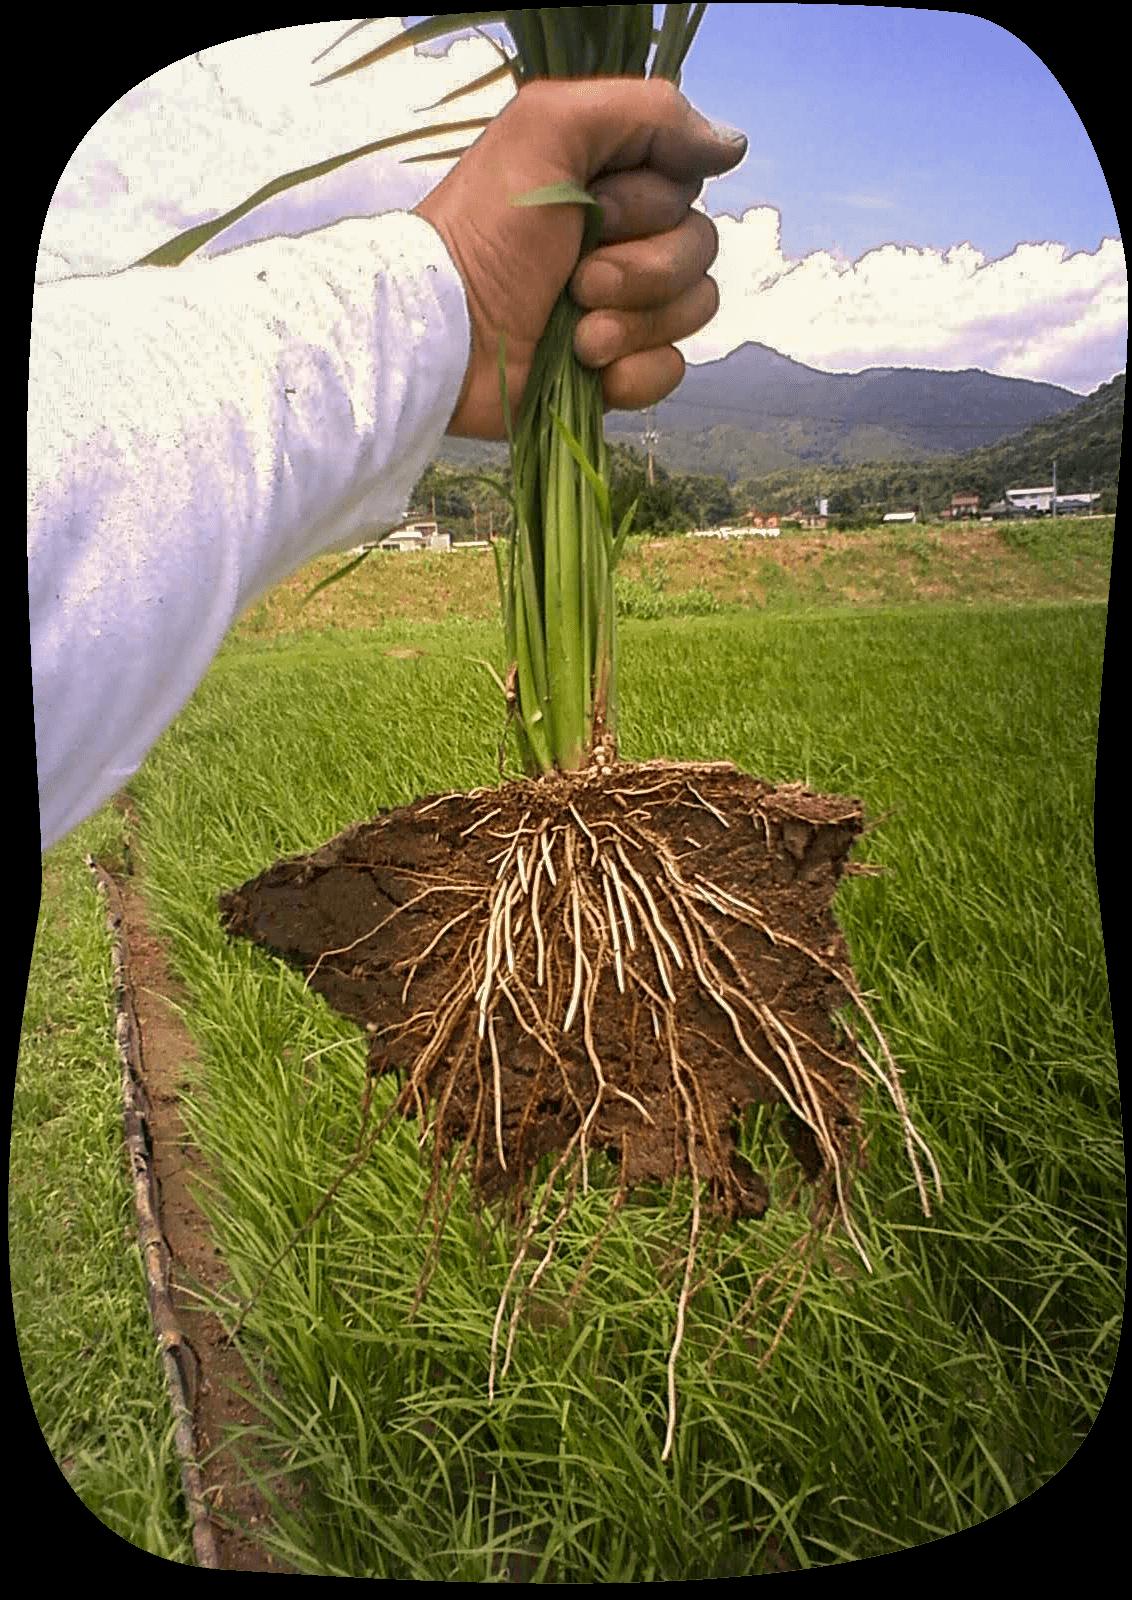 一般農法と比べて、<br /> 手間は10倍以上。<br /> それでも、特別栽培農法で育てる。<br /><br /> 特に大変な「田植え後」、<br/> 一切の農薬を使用しません。